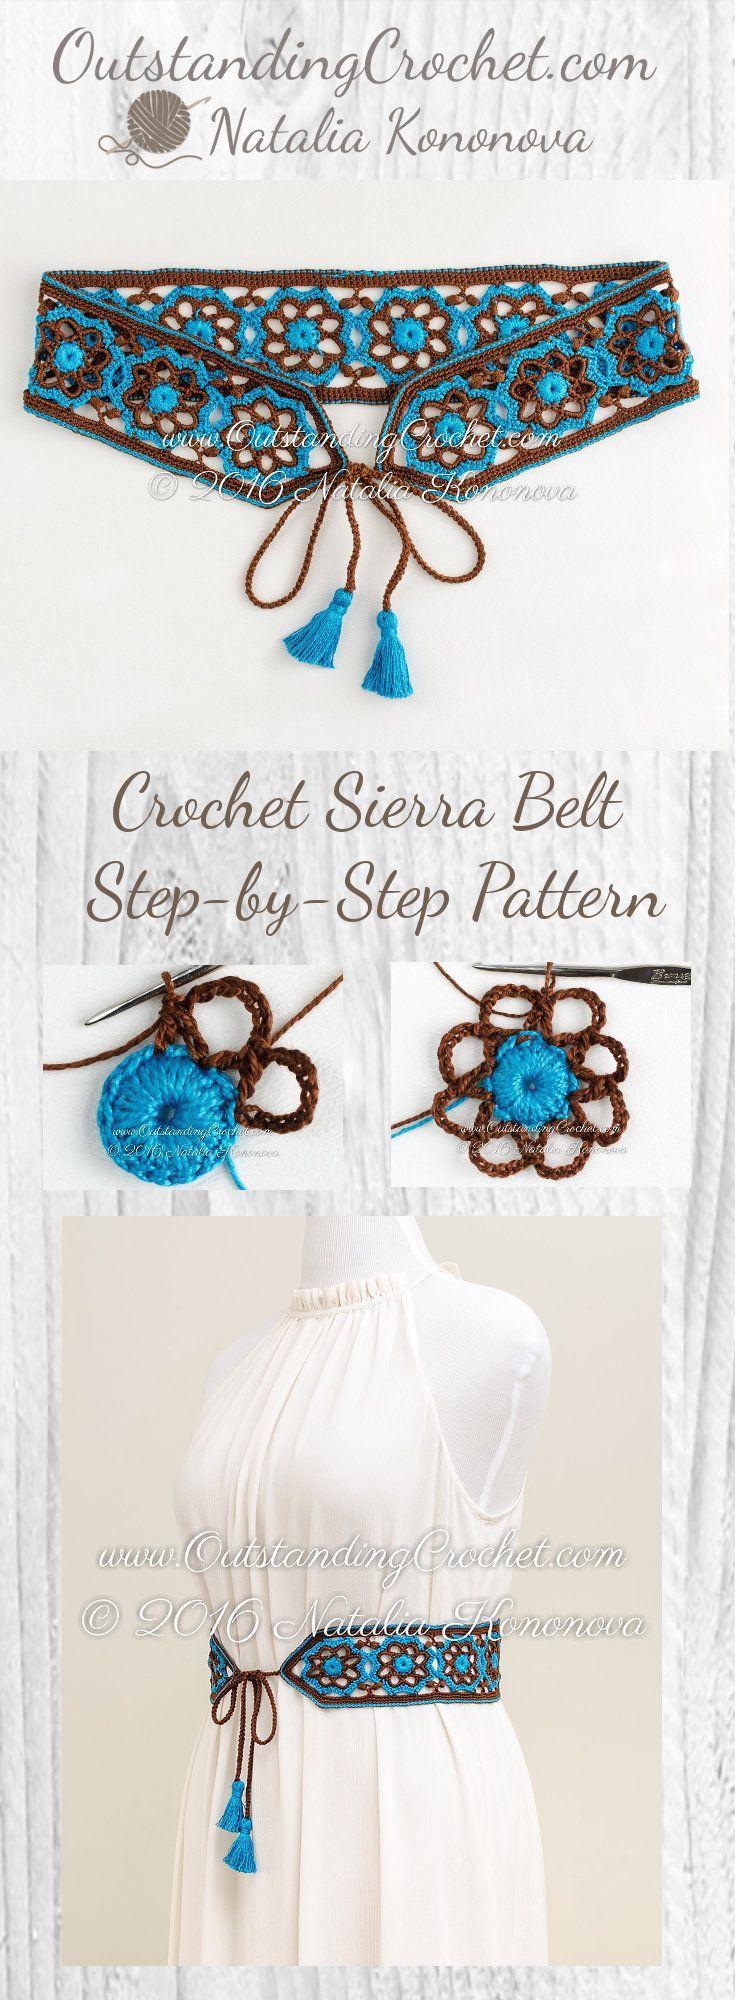 Sierra Belt Step-by-Step Crochet Pattern at www.OutstandingCr...